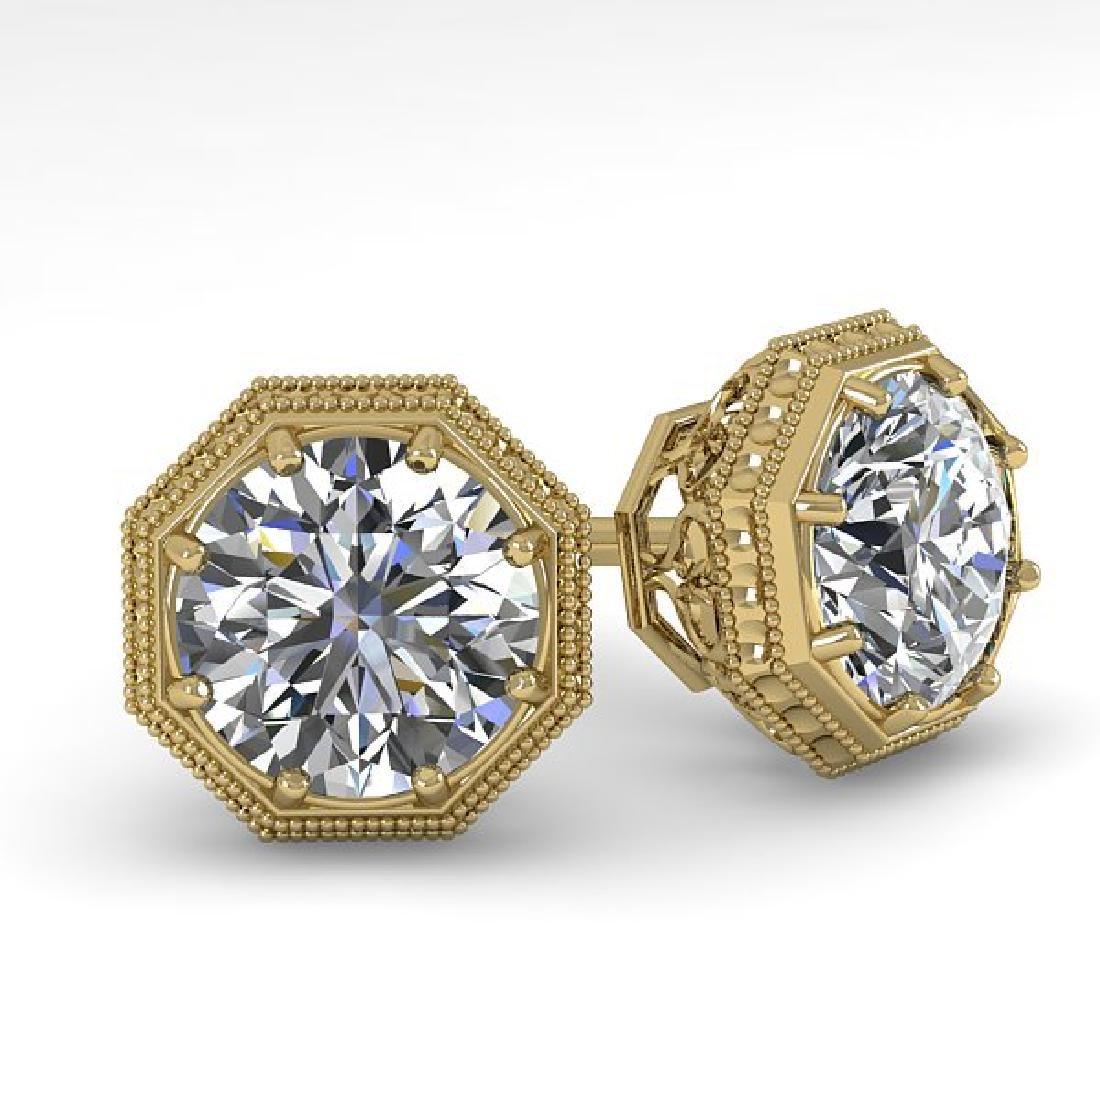 1.50 CTW Certified VS/SI Diamond Stud Earrings 14K